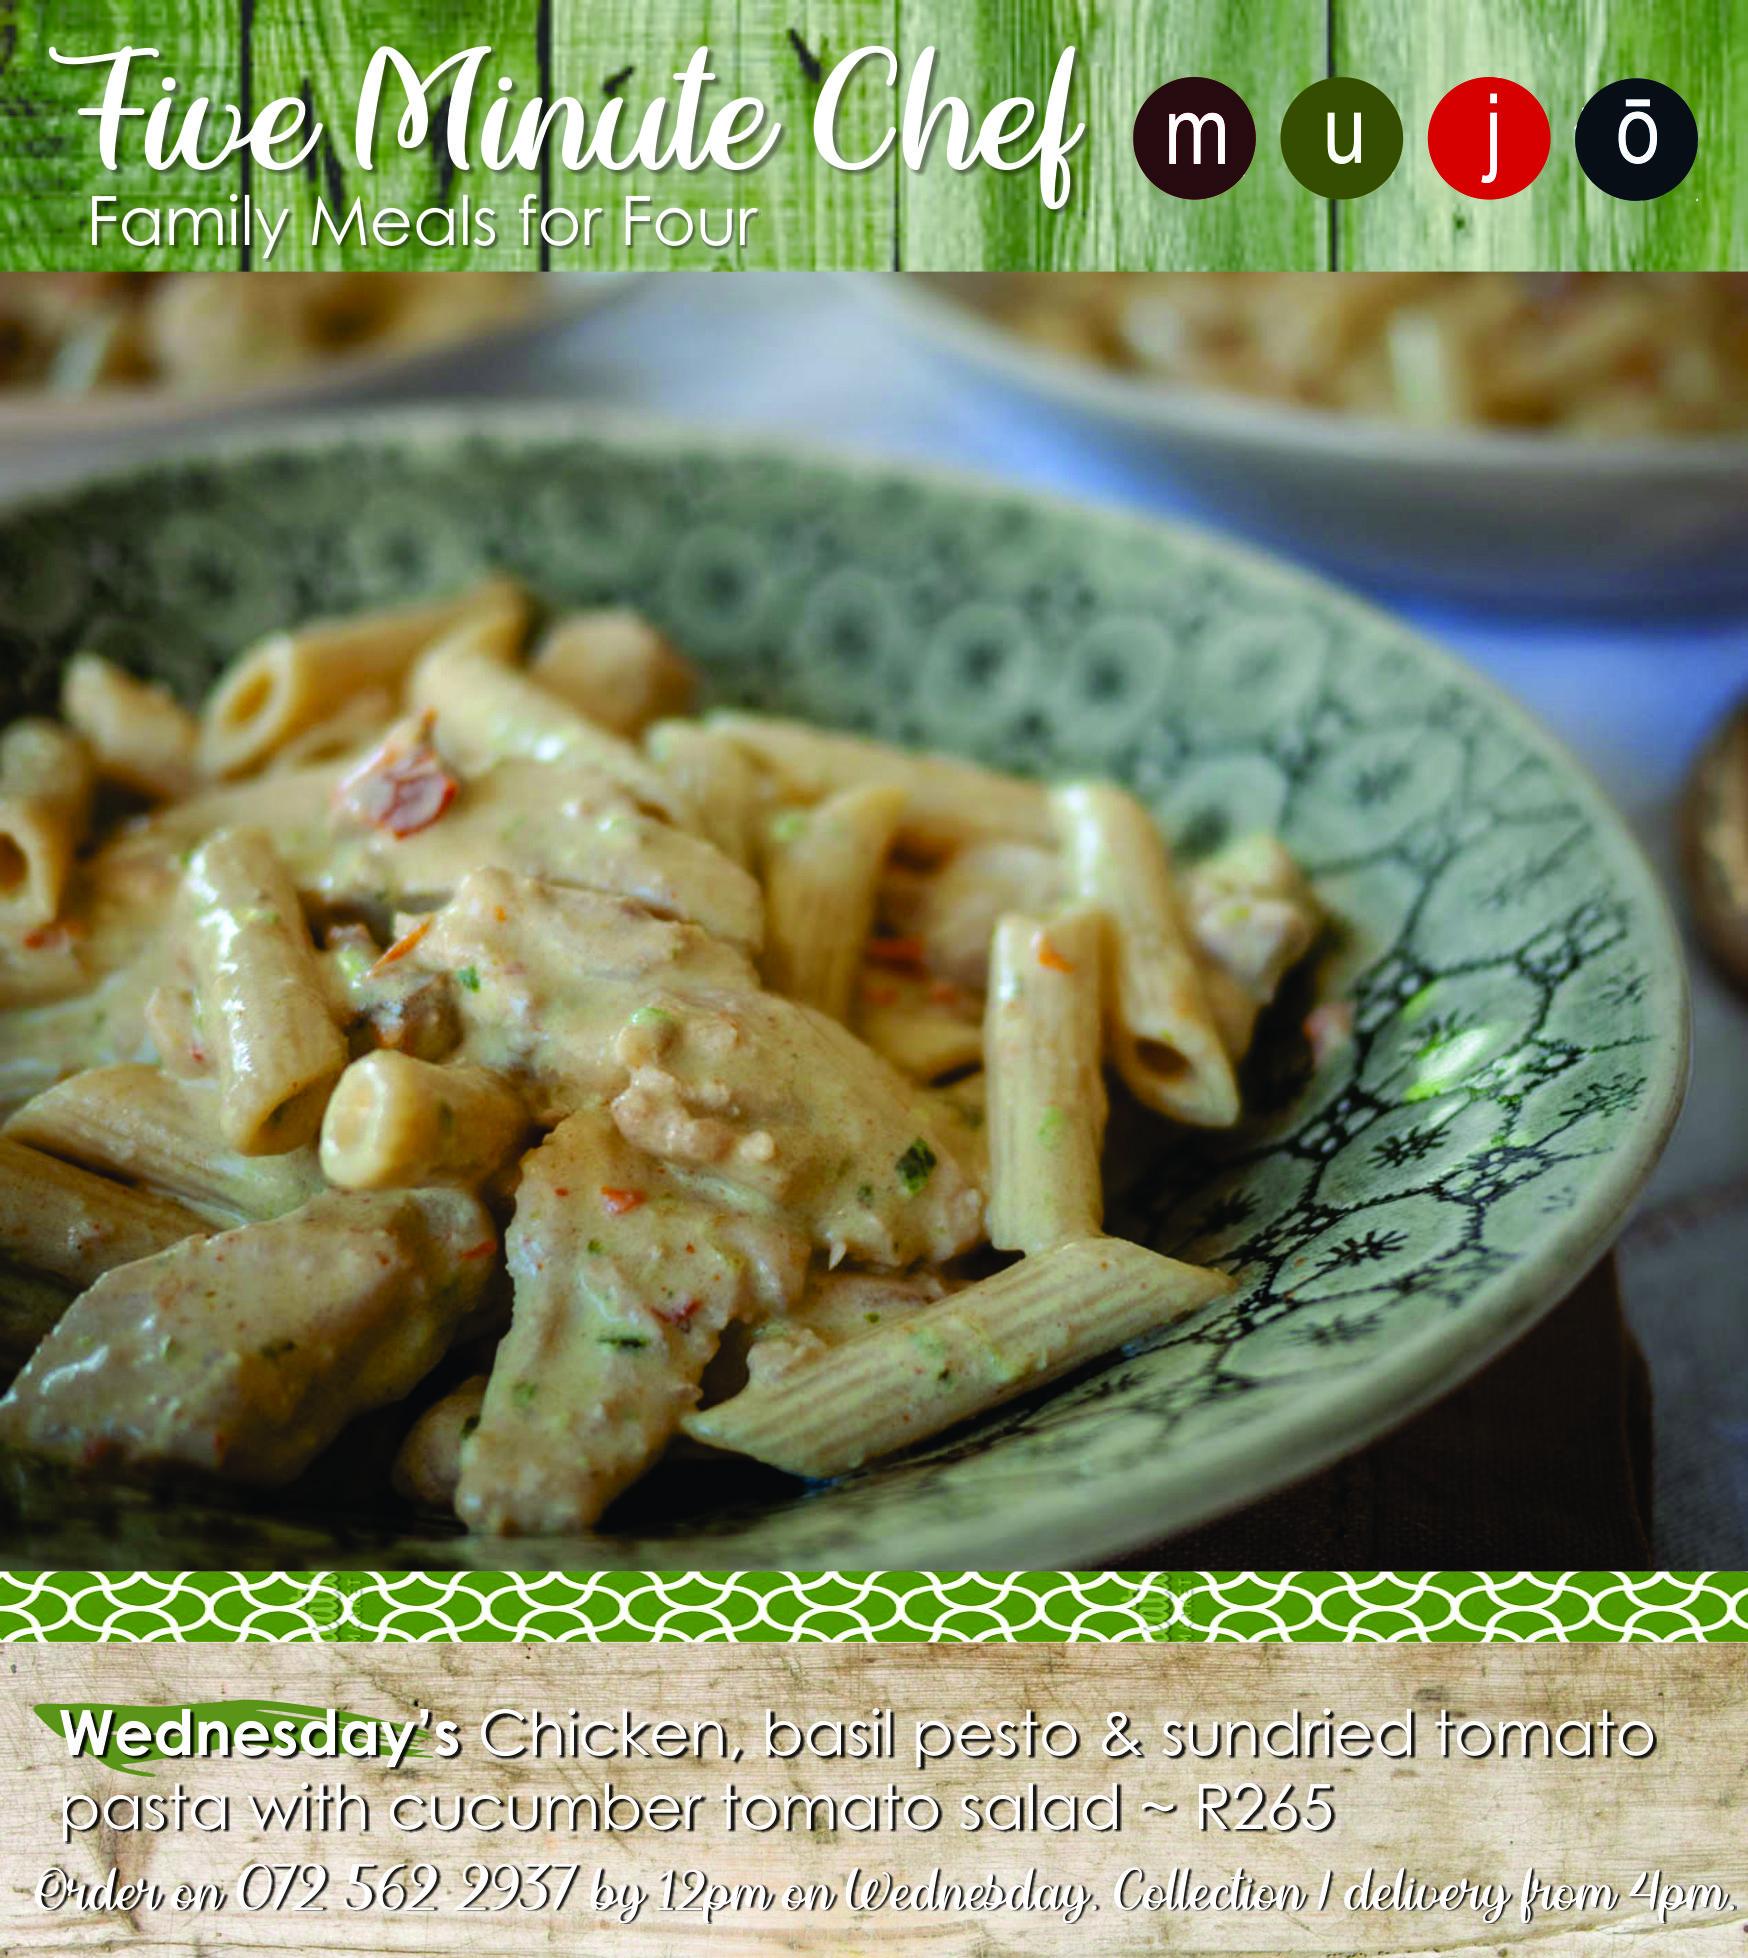 Five Minute Chef chicken pesto pasta